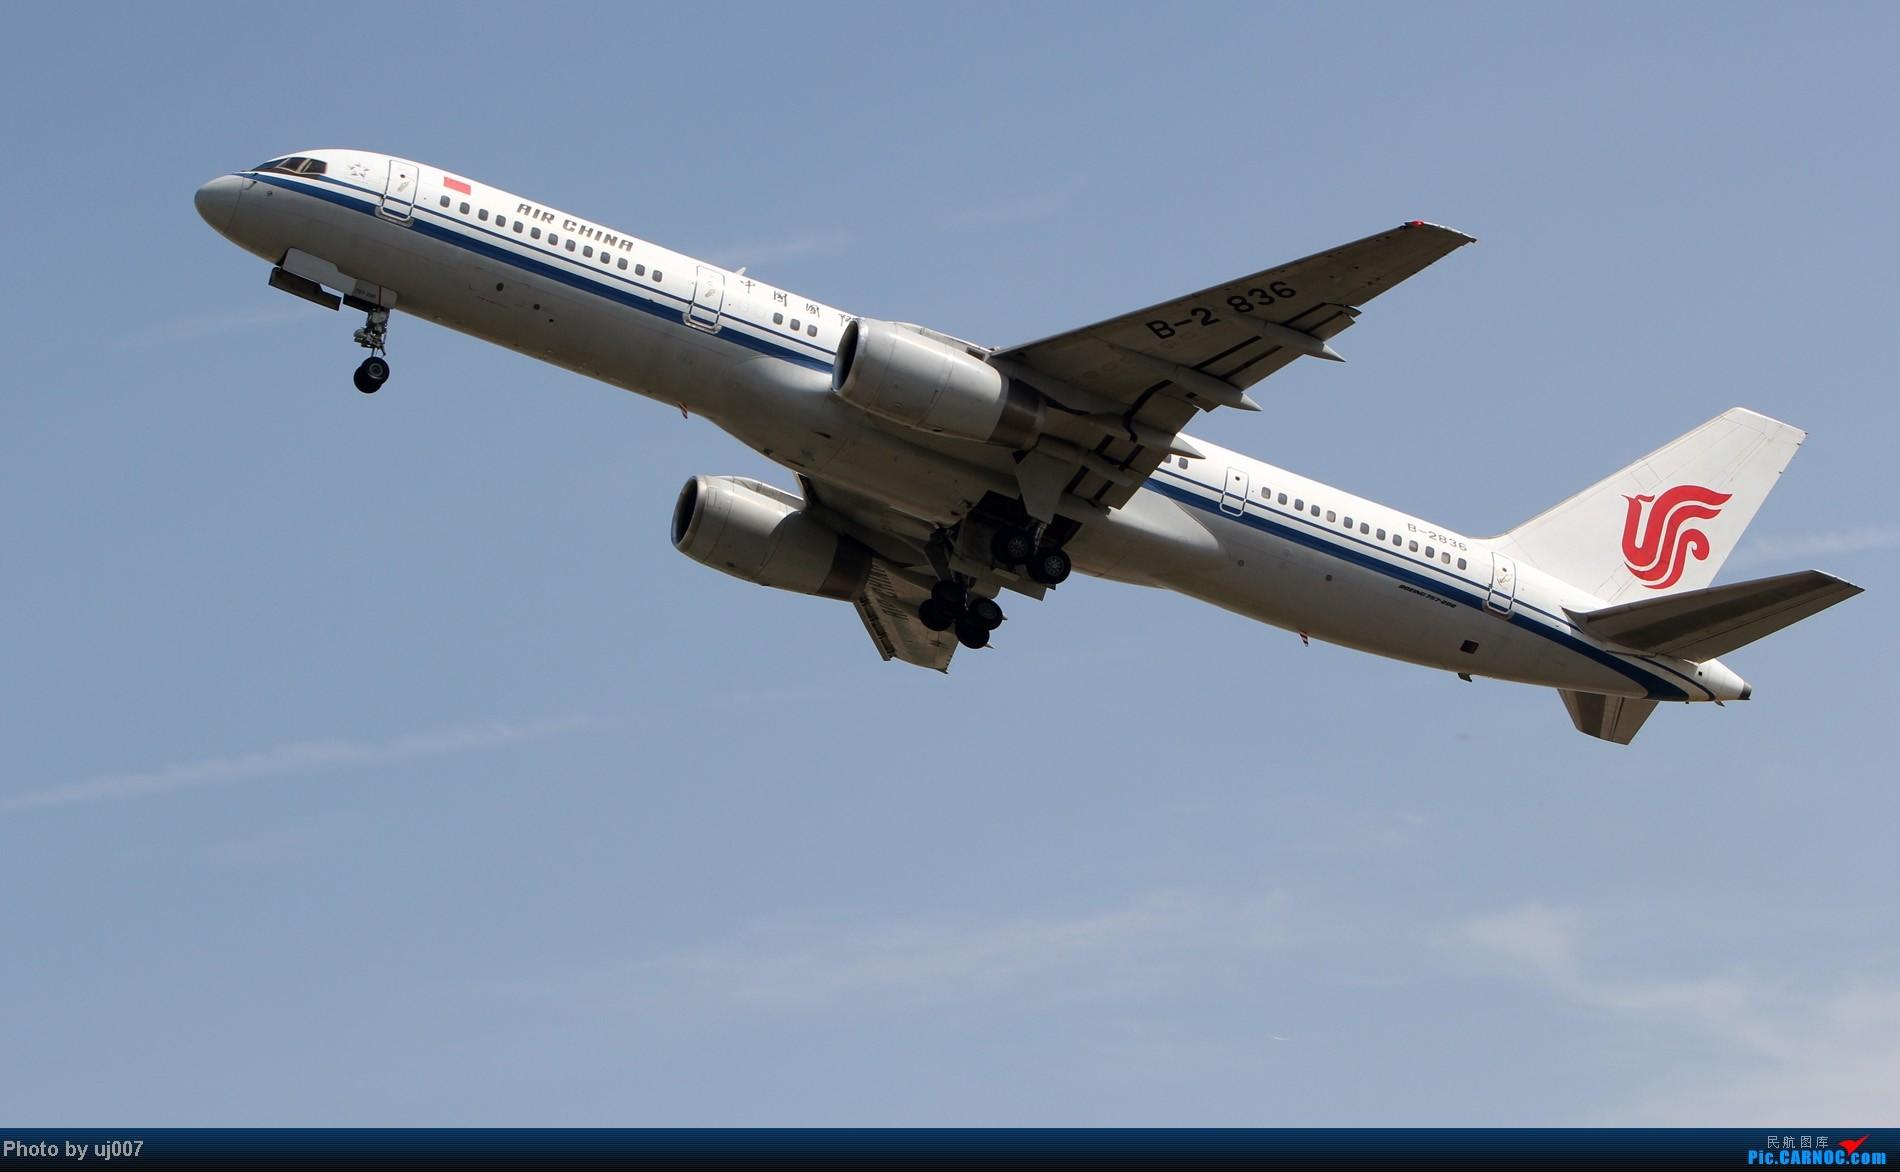 Re:[原创]10月2日白云拍机(大飞机,特别妆,外航,闪灯,擦烟)求指点. BOEING 757-200 B-2836 中国广州白云机场